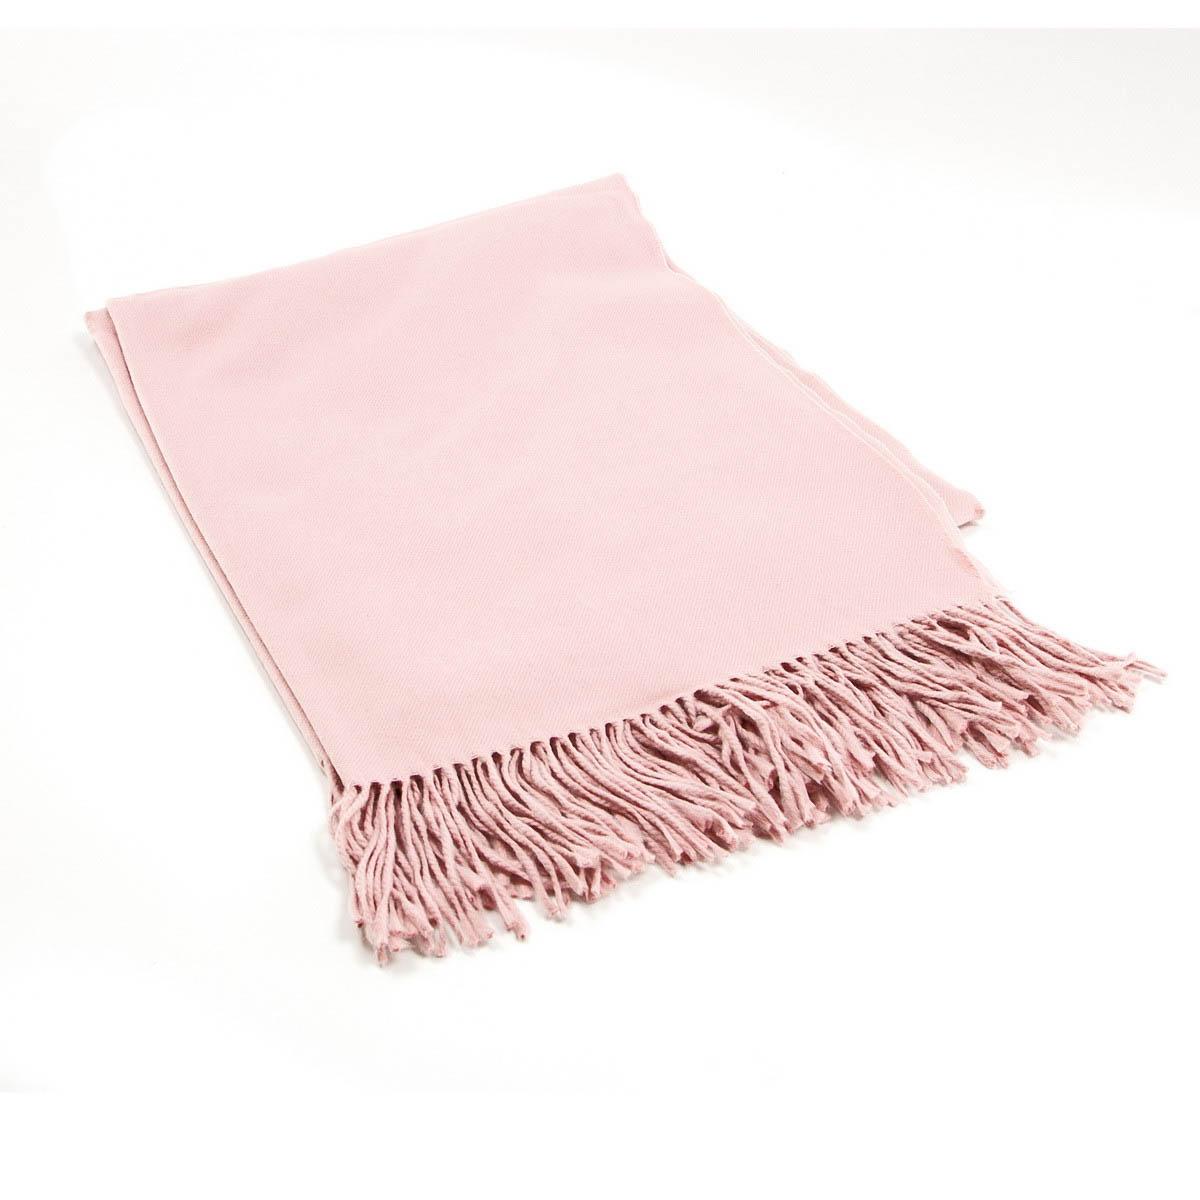 Детские покрывала, подушки, одеяла INCALPACA TPX Детский плед Mariana (85х110 см)